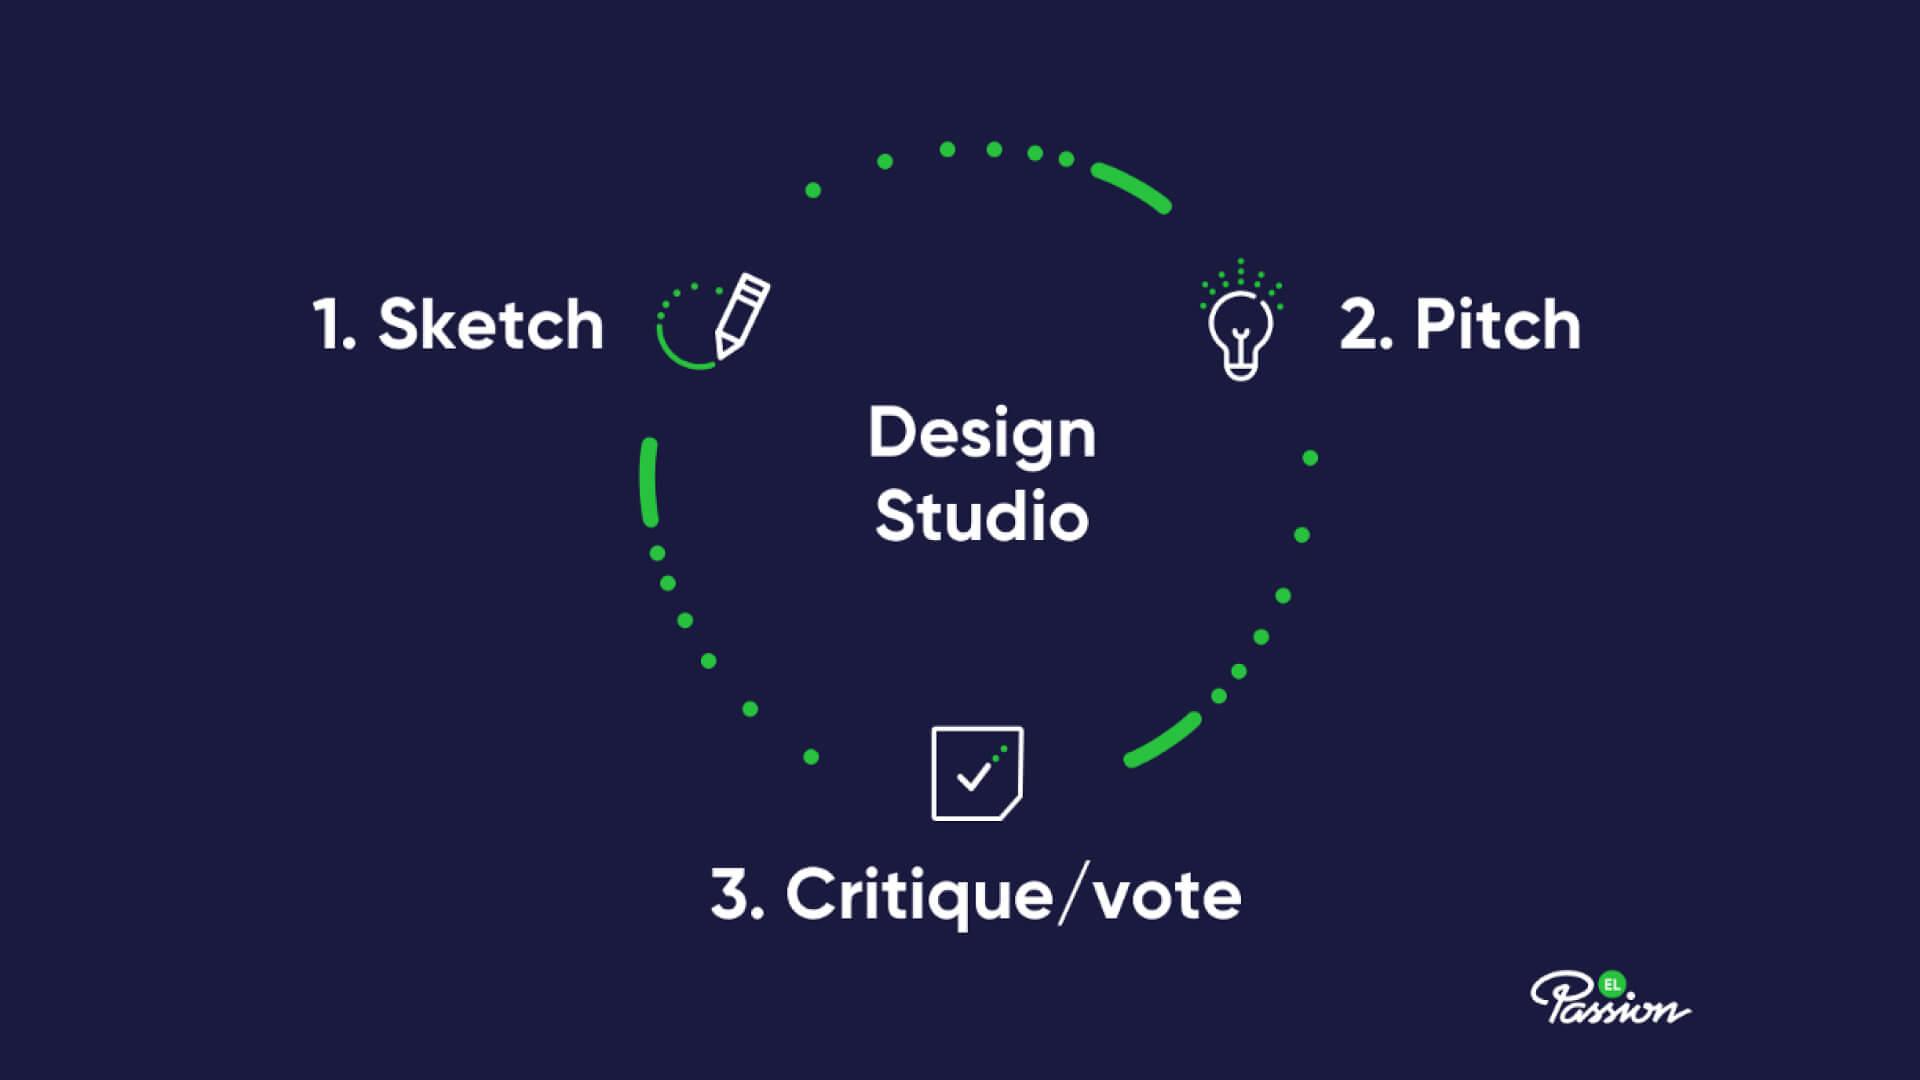 design_studio